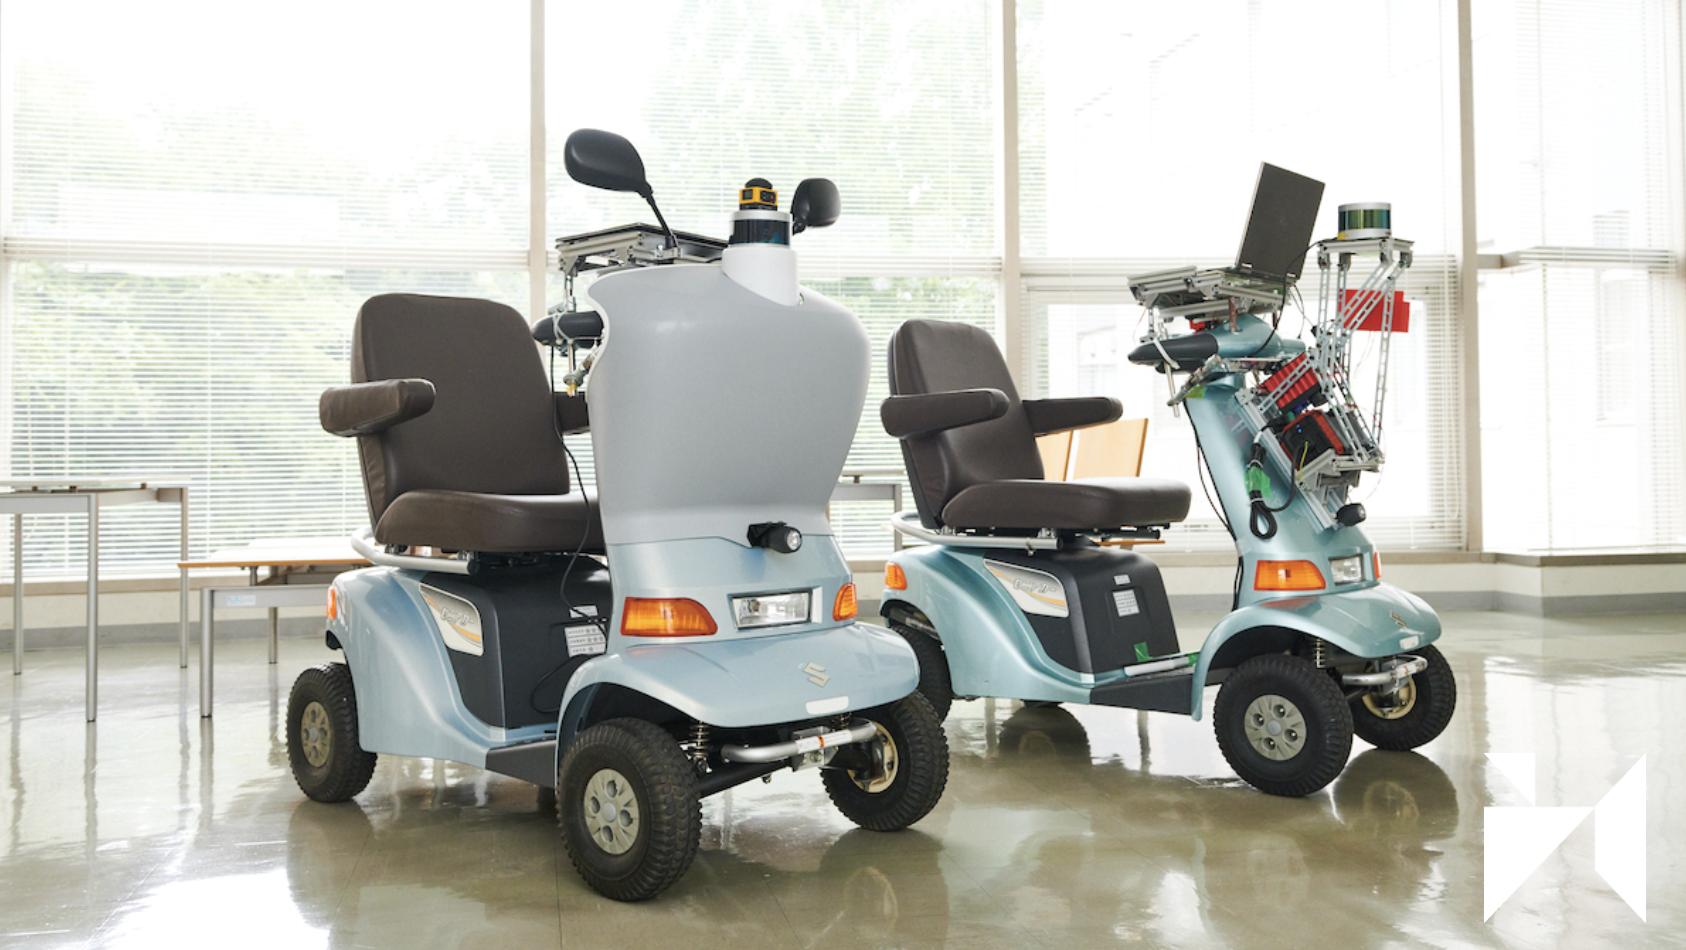 自動運転シニアカーの実証実験・体験試乗会を実施します -- 9月13日(月)から17日(金)  コクーンシティ・さいたま新都心 --